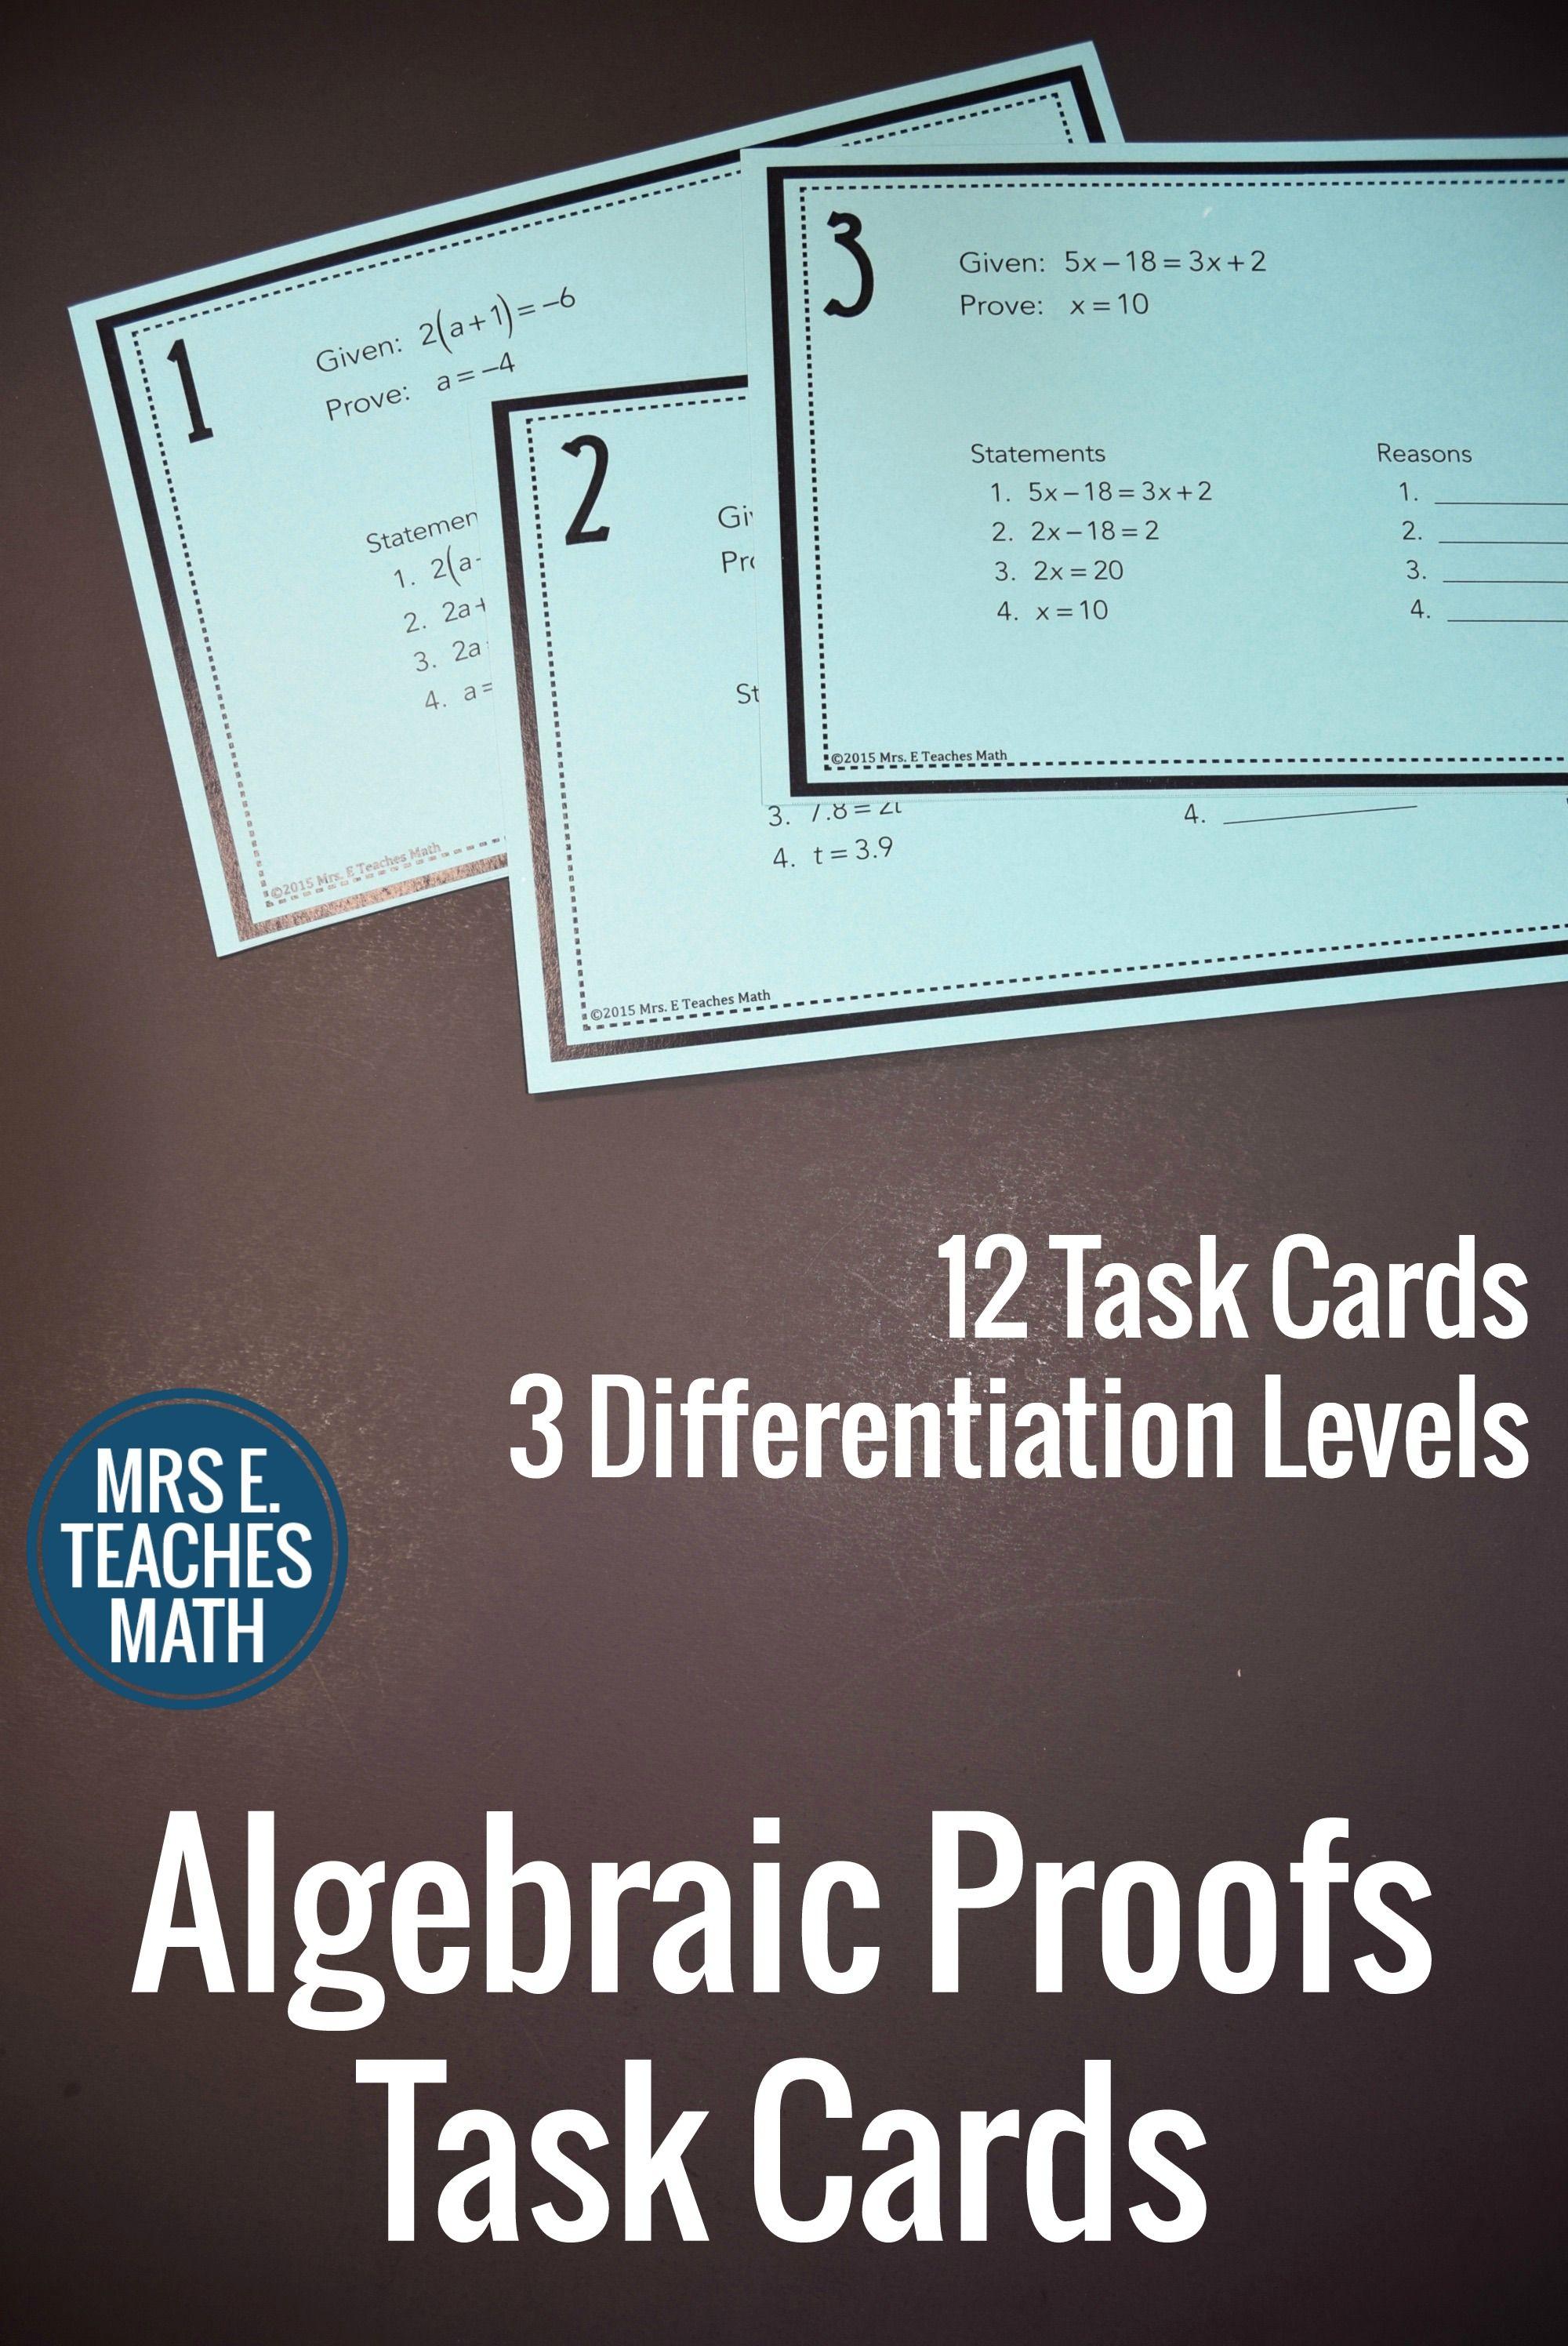 Algebraic Proofs Task Cards Algebraic Proof Task Cards Geometry Proofs